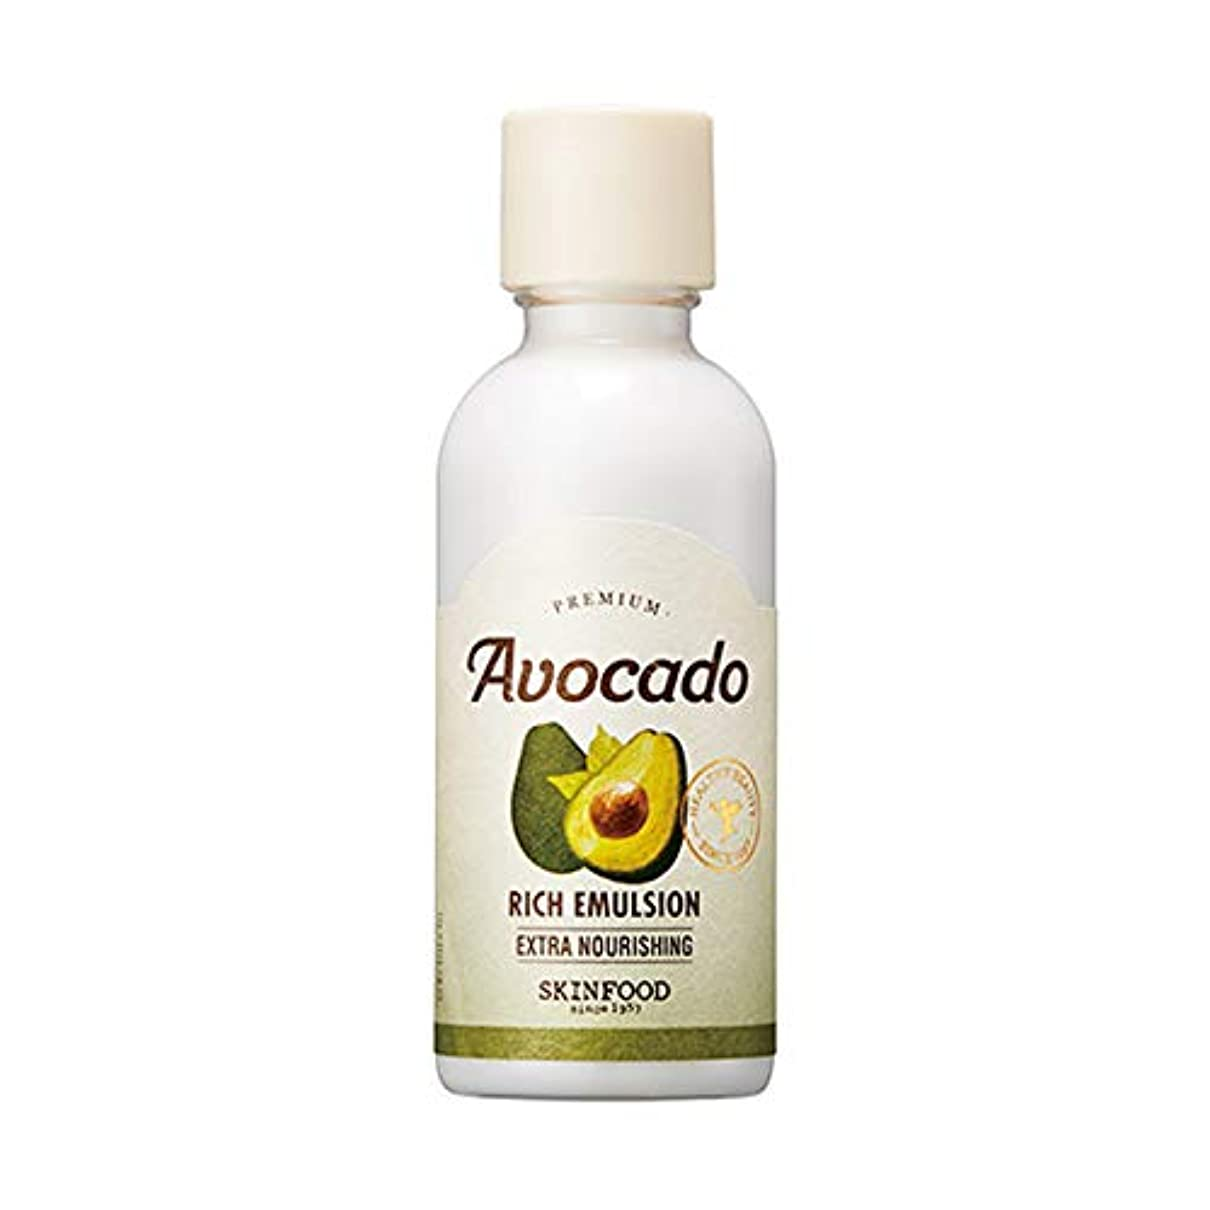 血まみれ不十分取り替えるSkinfood プレミアムアボカドリッチエマルジョン/Premium Avocado Rich Emulsion 160ml [並行輸入品]